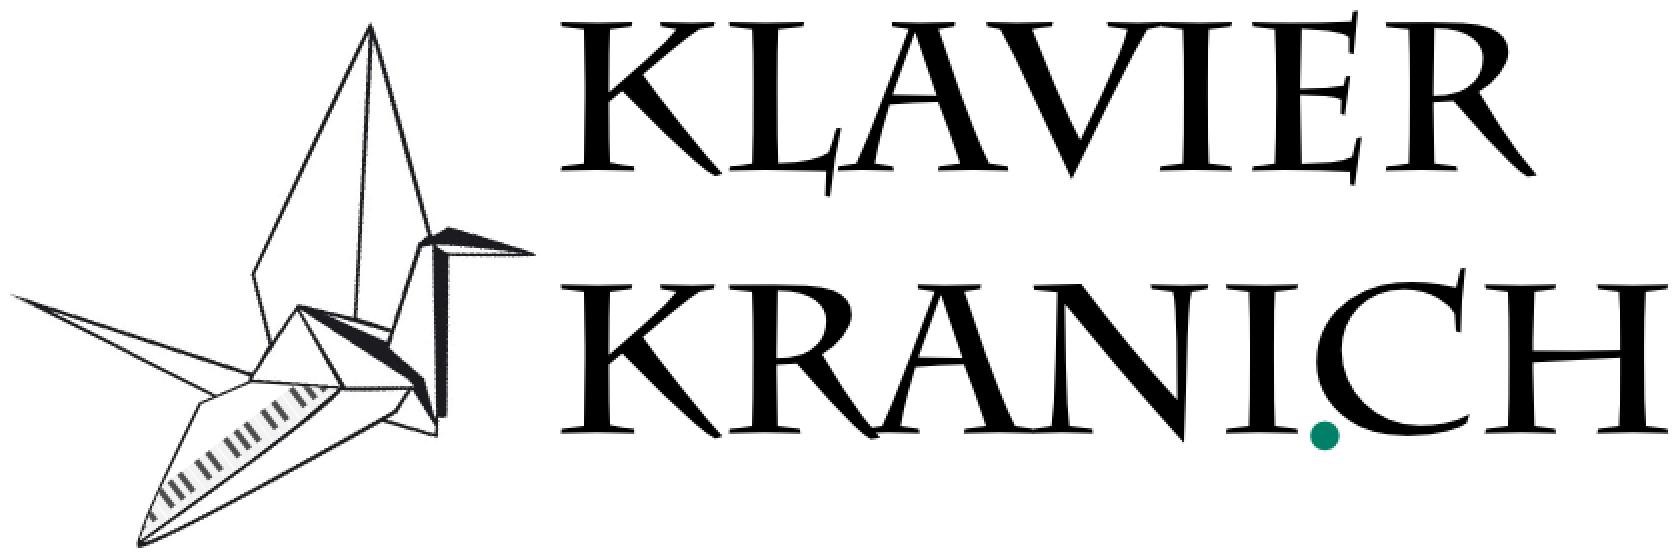 KlavierKranich Member